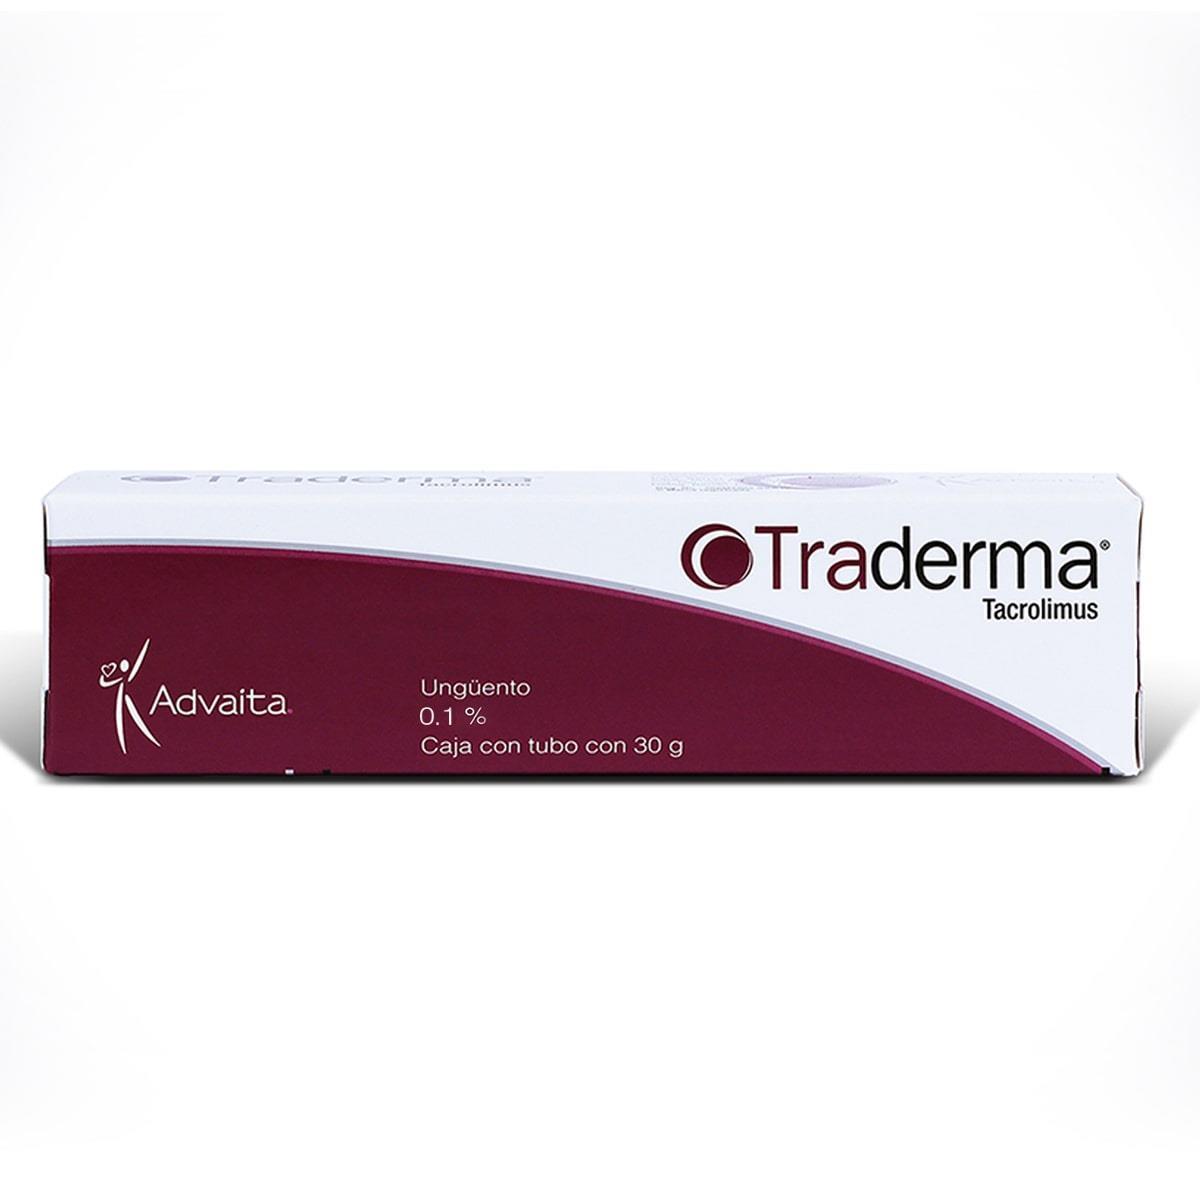 Terapia de segunda línea a corto o largo plazo de forma intermitente en el tratamiento de pacientes con Dermatitis Atópica de moderada a severa, o para quienes el uso de la terapia convencional es inadmisible debido a su riesgo potencial, o la respuesta escasa de tratamiento.<br/><br/>Caja con 30g de ungüento al 0.1%